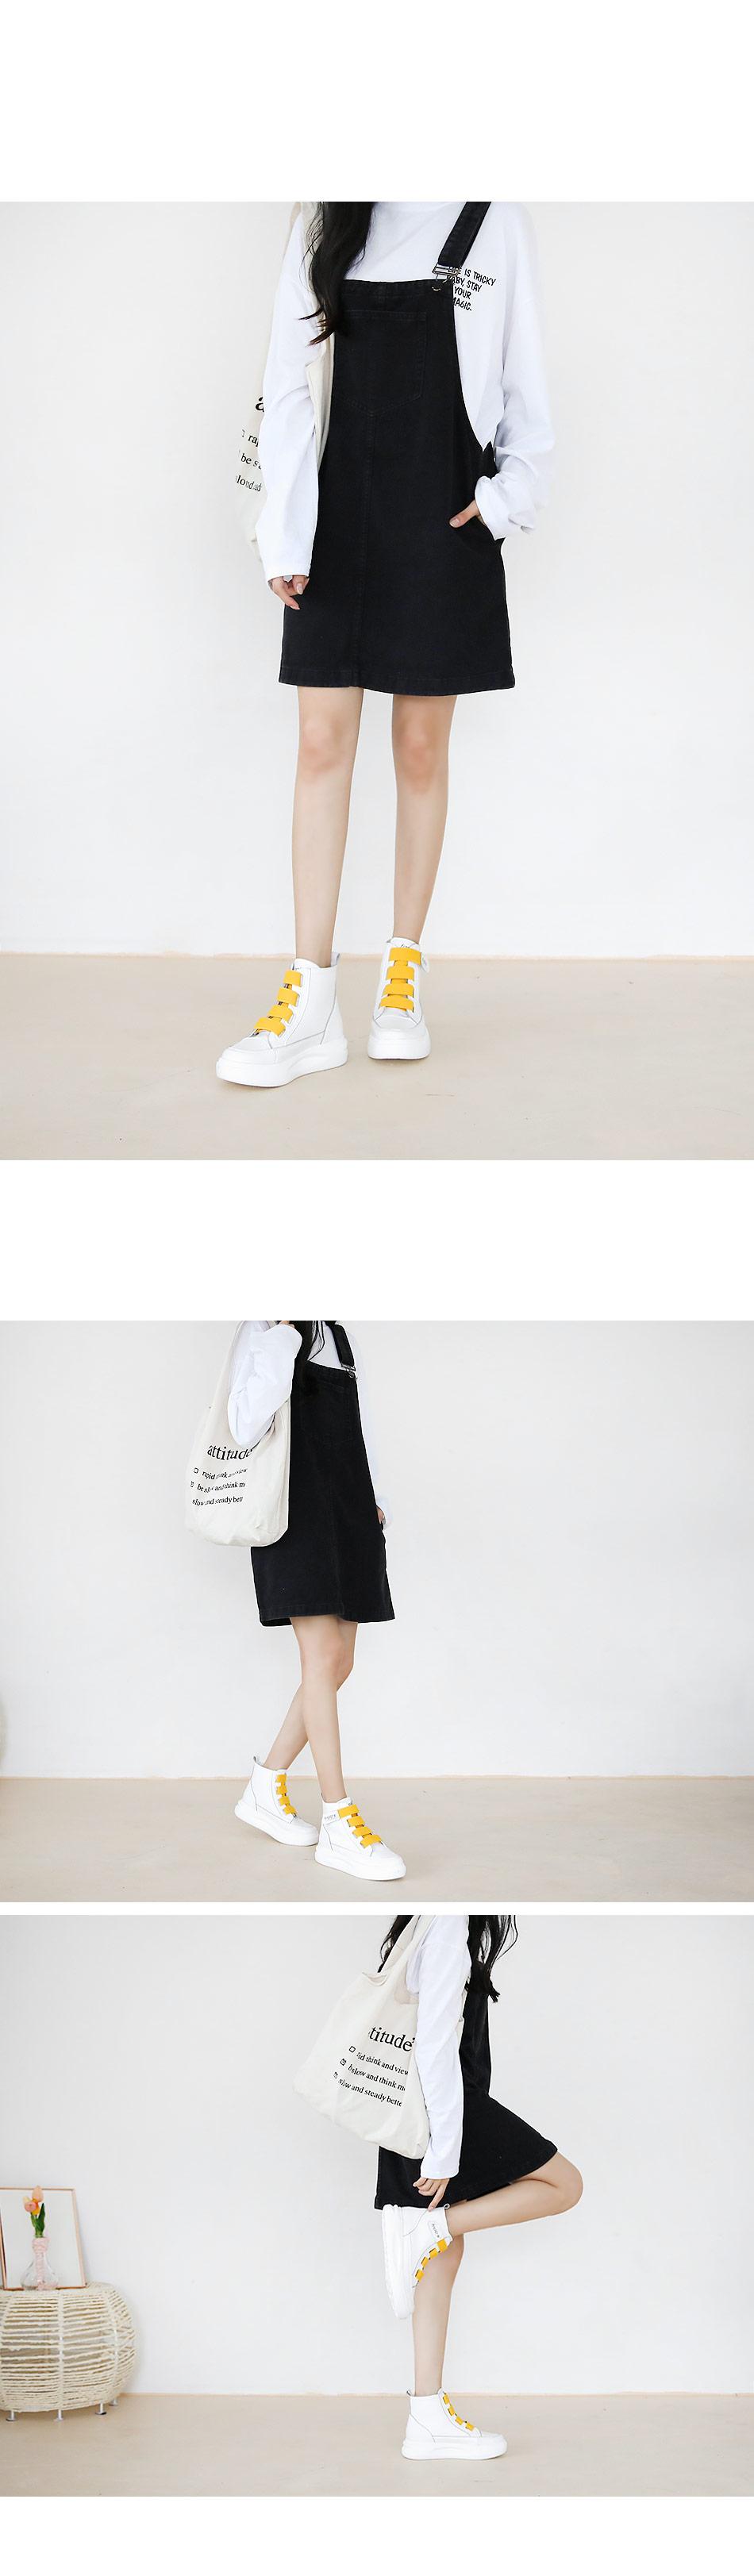 Epines High Top Velcro Sneaker 4cm